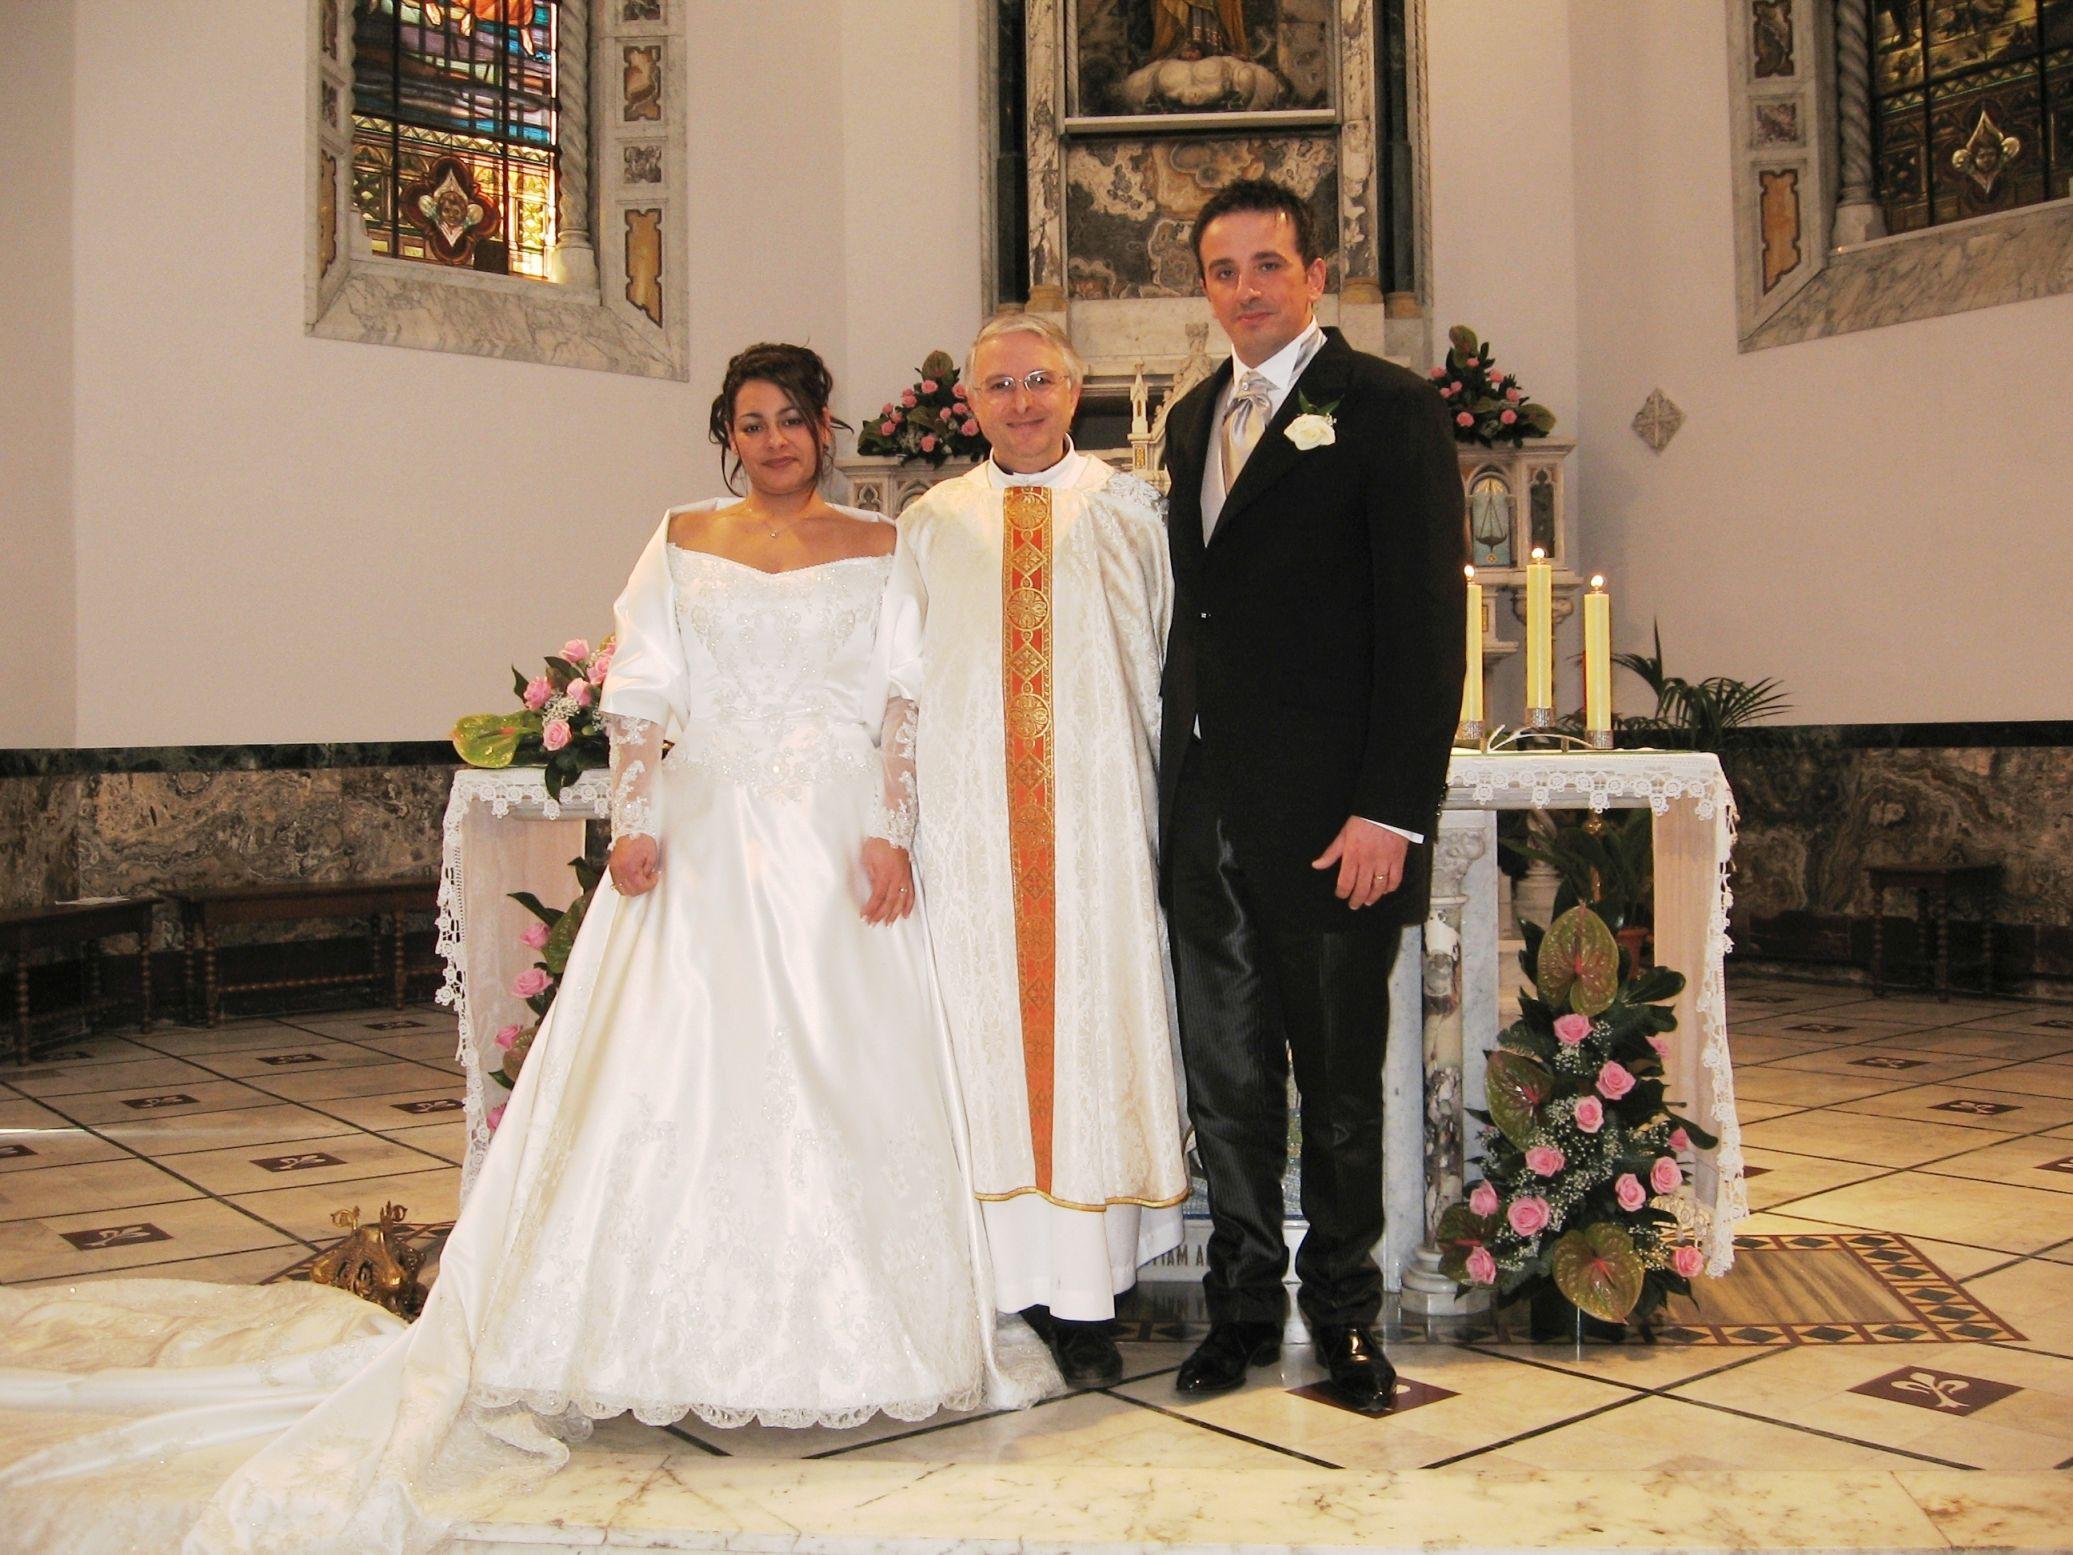 Matrimonio Omosessuale In Italia : Il north carolina vota contro le nozze gay uccr